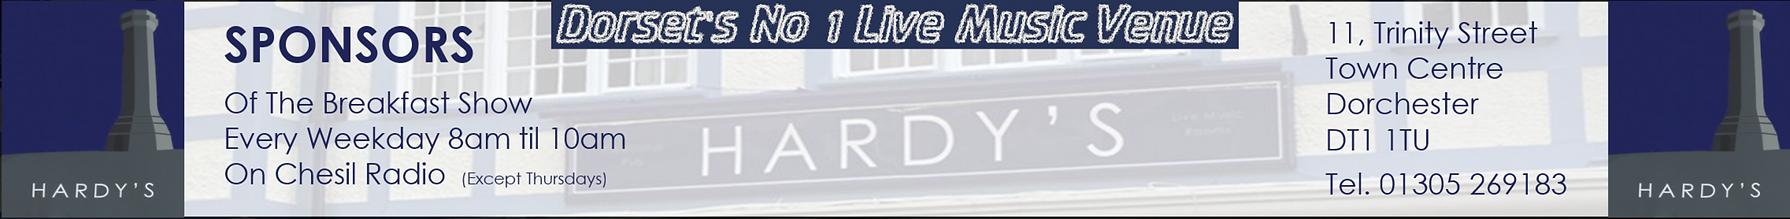 Hardys Website Banner.png